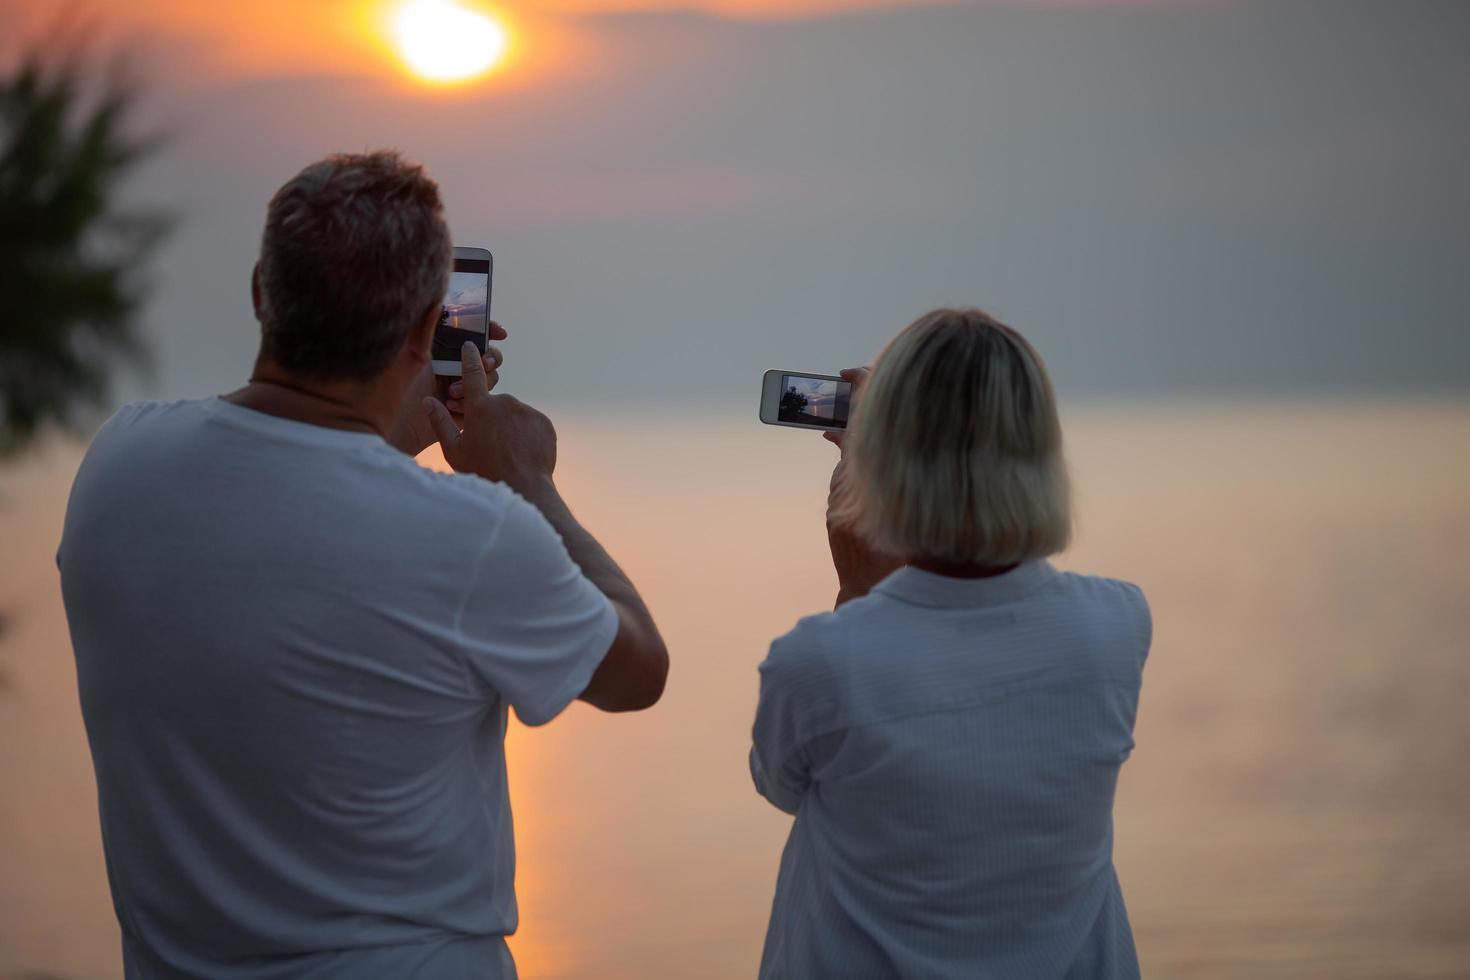 pareja tomando fotos de una puesta de sol